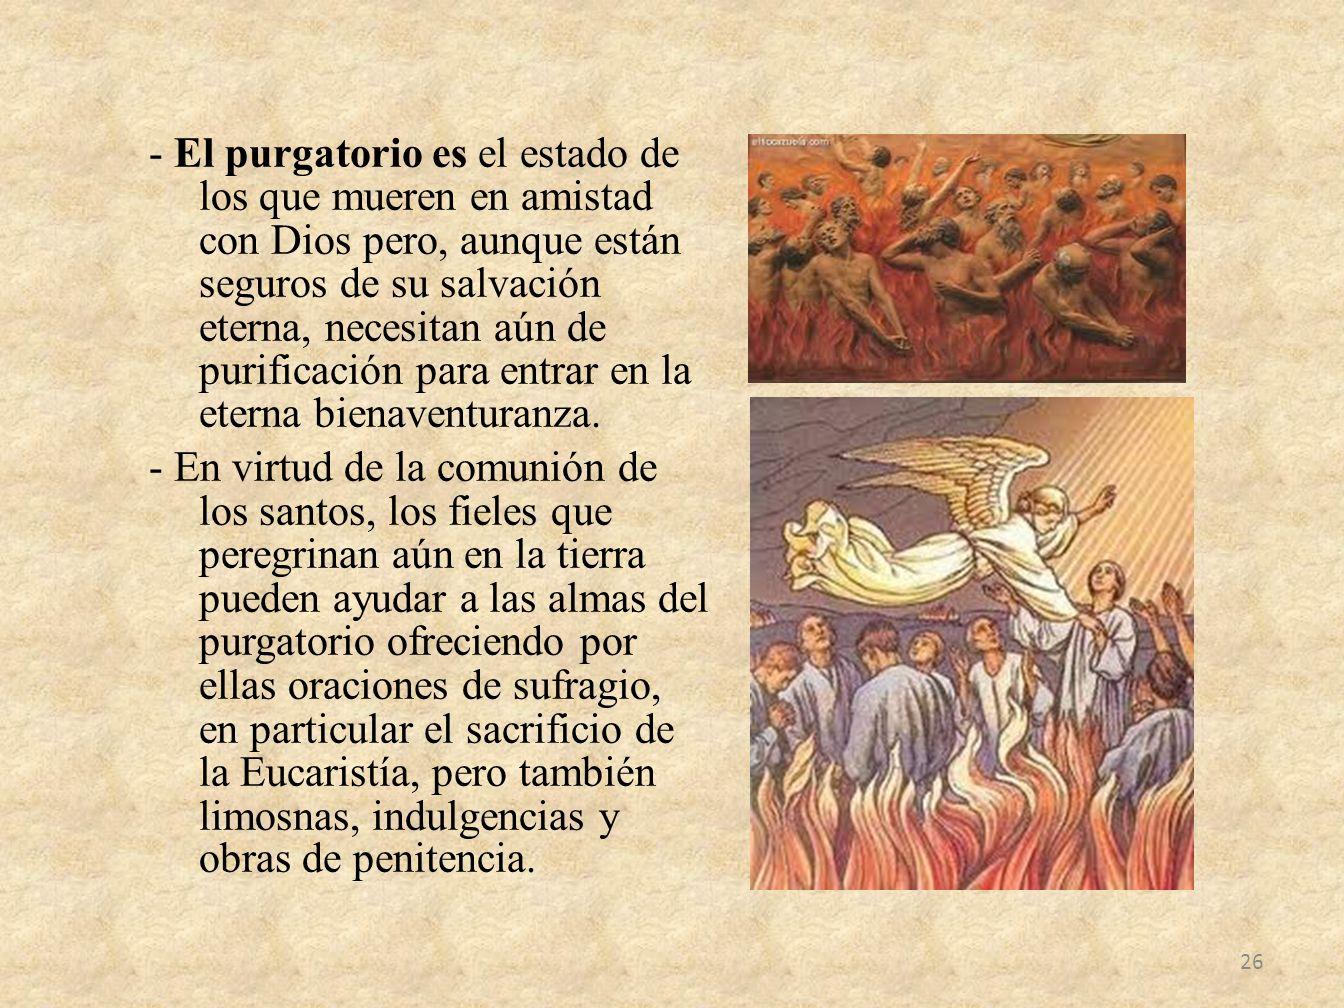 - El purgatorio es el estado de los que mueren en amistad con Dios pero, aunque están seguros de su salvación eterna, necesitan aún de purificación pa